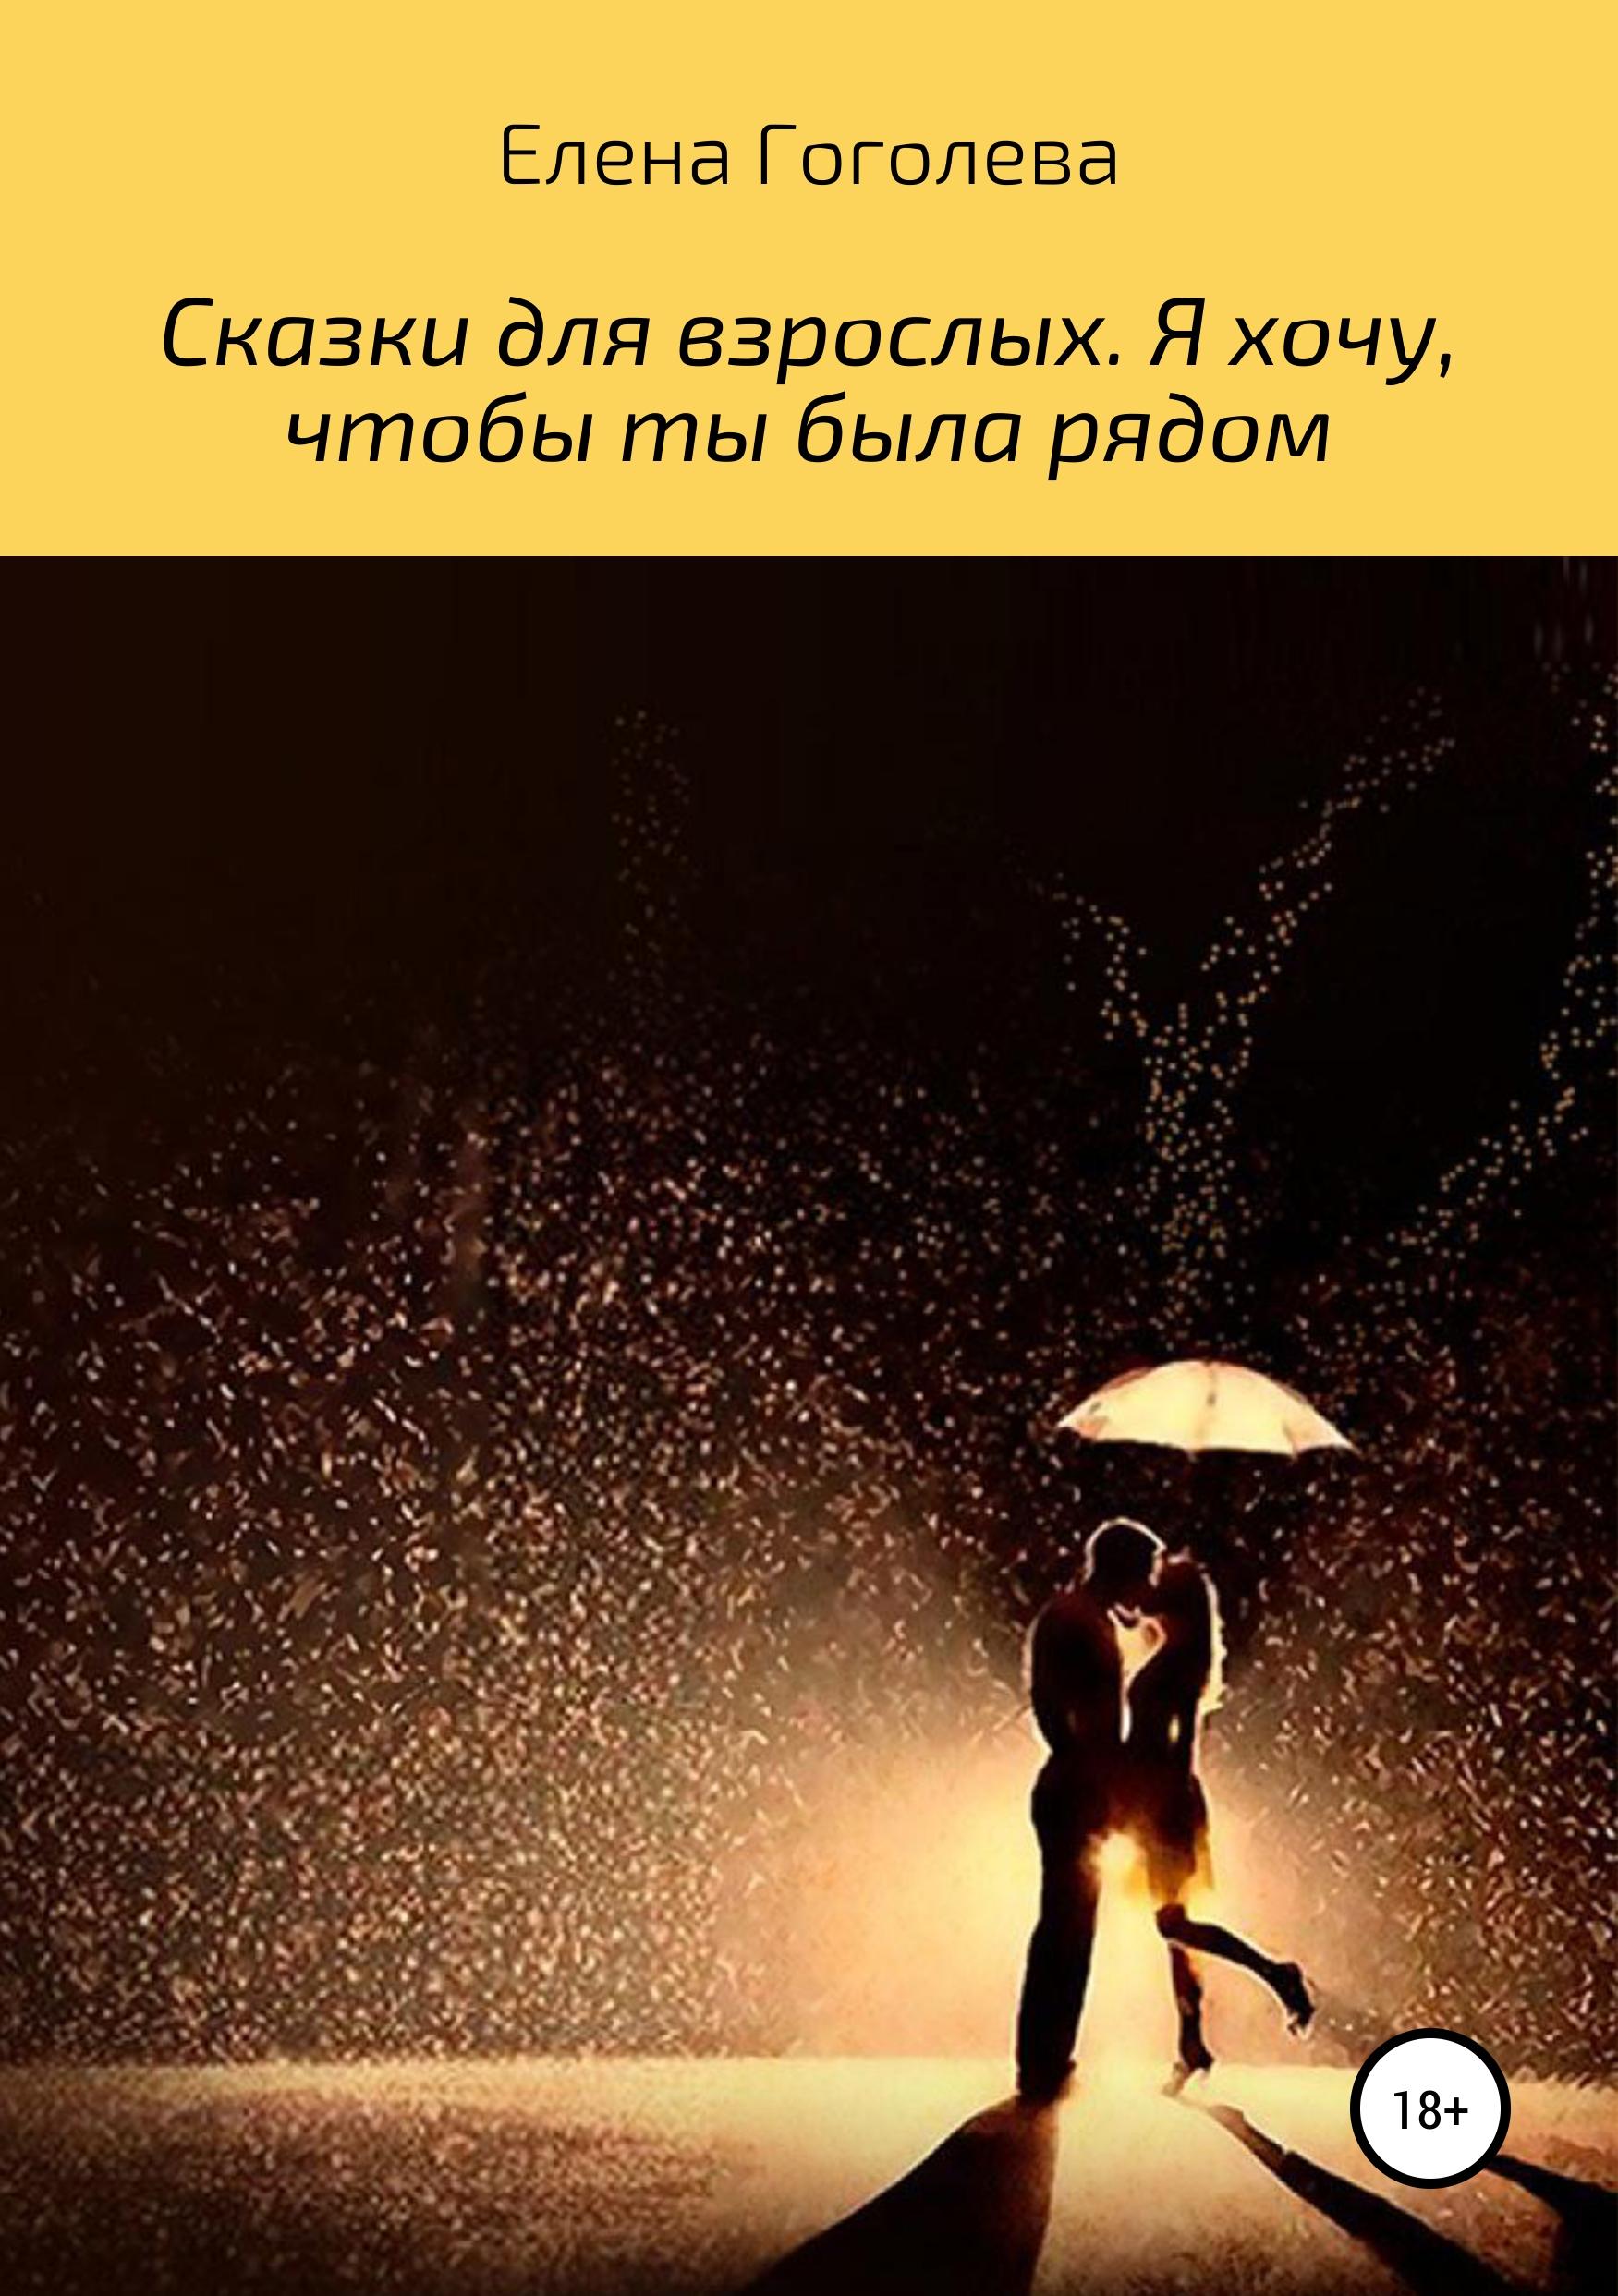 Купить книгу Сказки для взрослых. Я хочу, чтобы ты была рядом, автора Елены Гоголевой